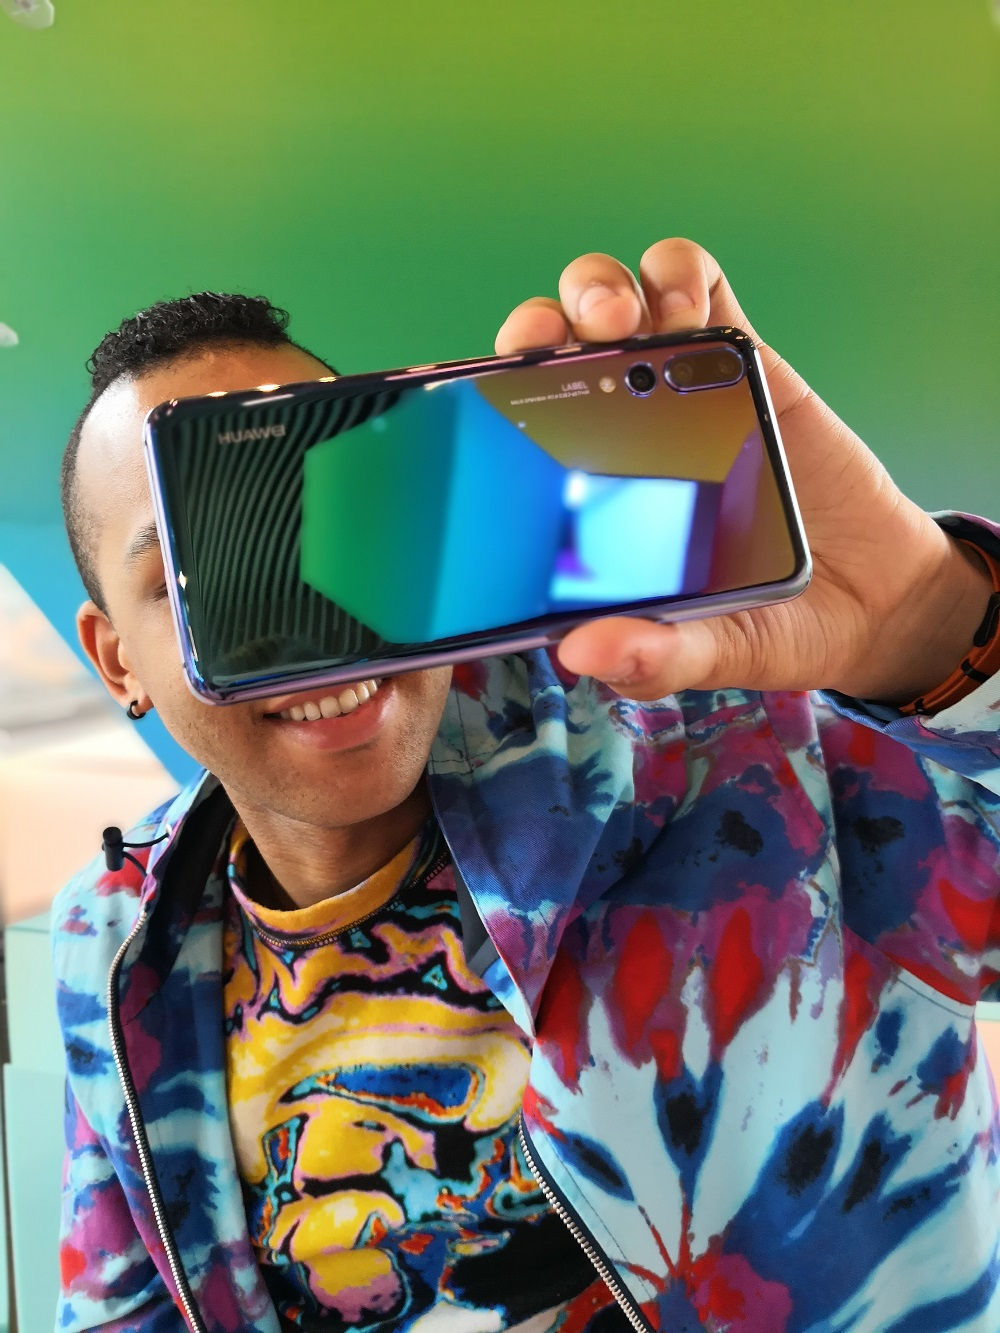 Huawei - ADV - P20 - Lifestyle - Bild 1